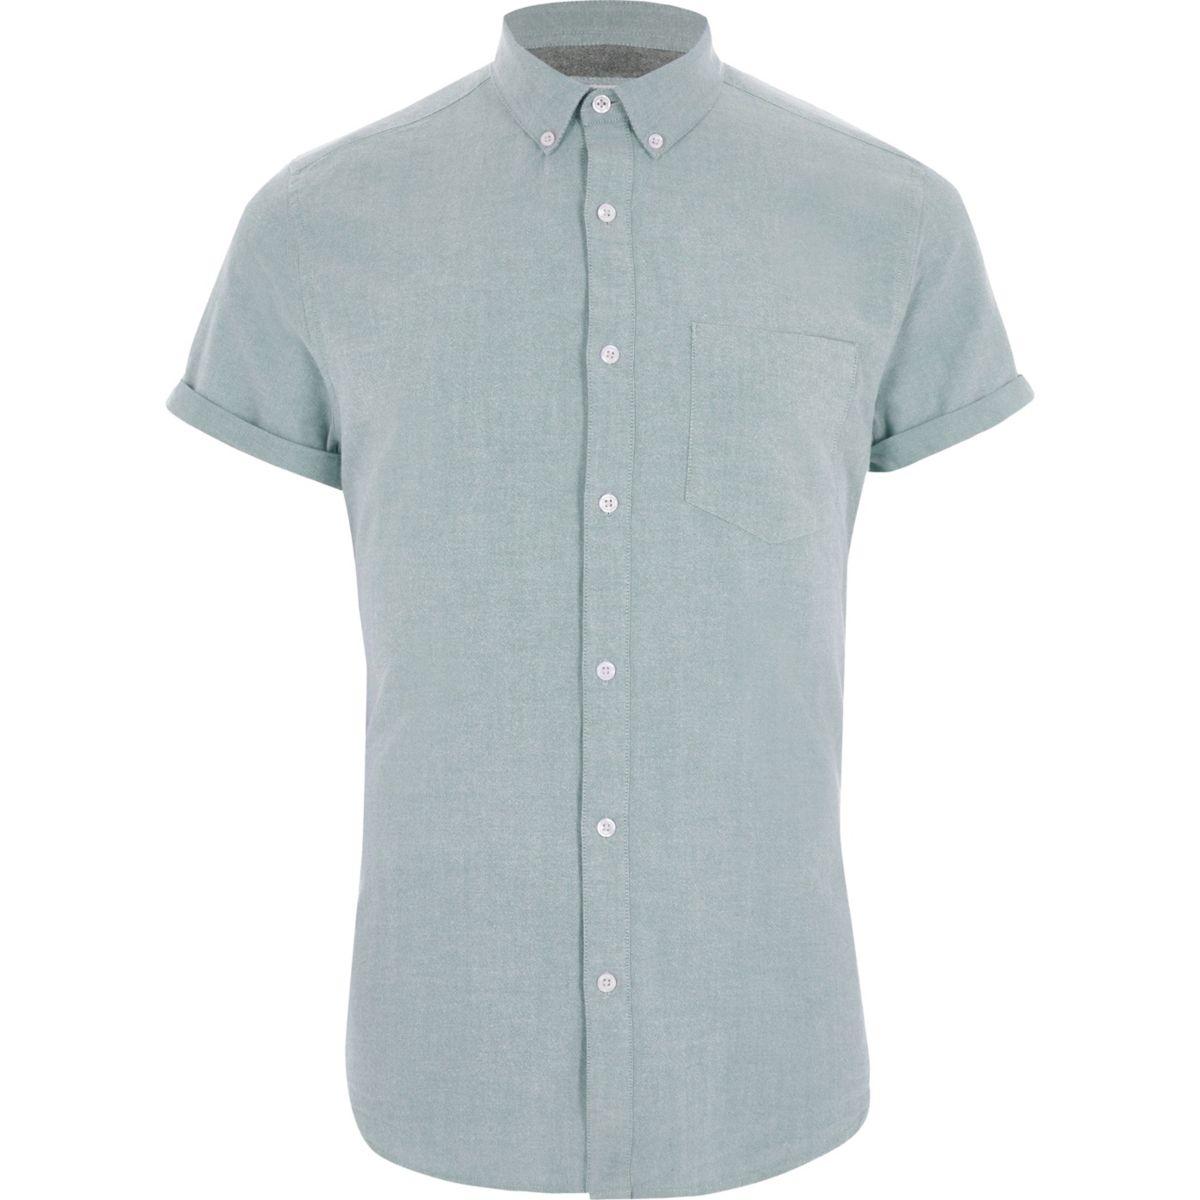 Forest green short sleeve Oxford shirt